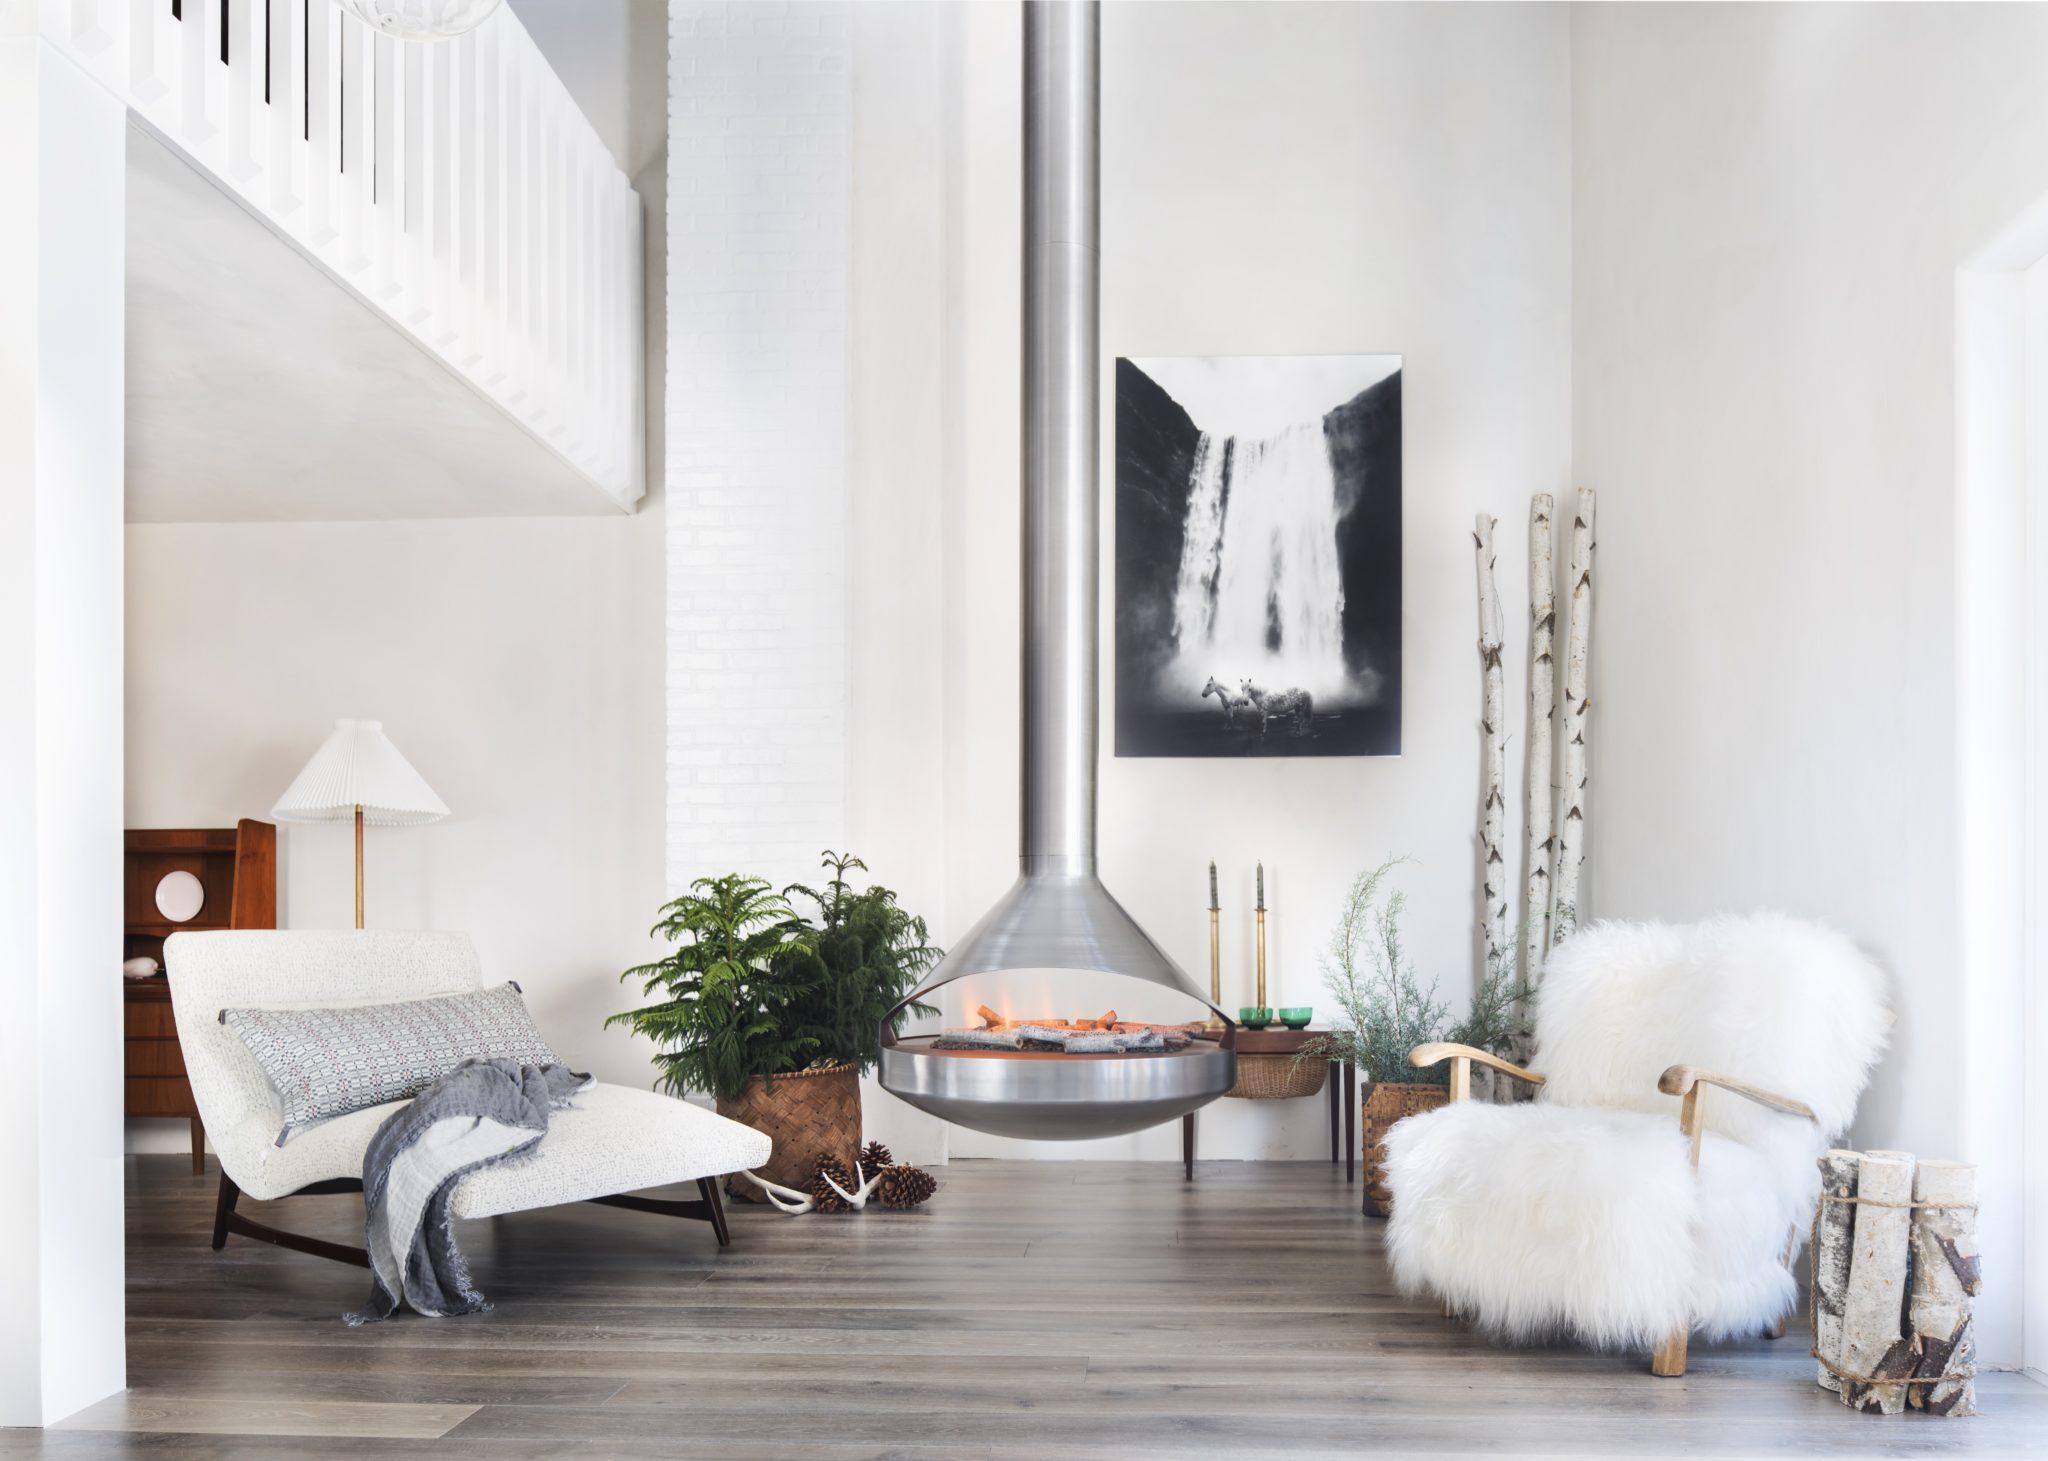 Cùng chiêm ngưỡng vẻ đẹp khó cưỡng của những căn phòng khách mang phong cách đương đại - Ảnh 16.